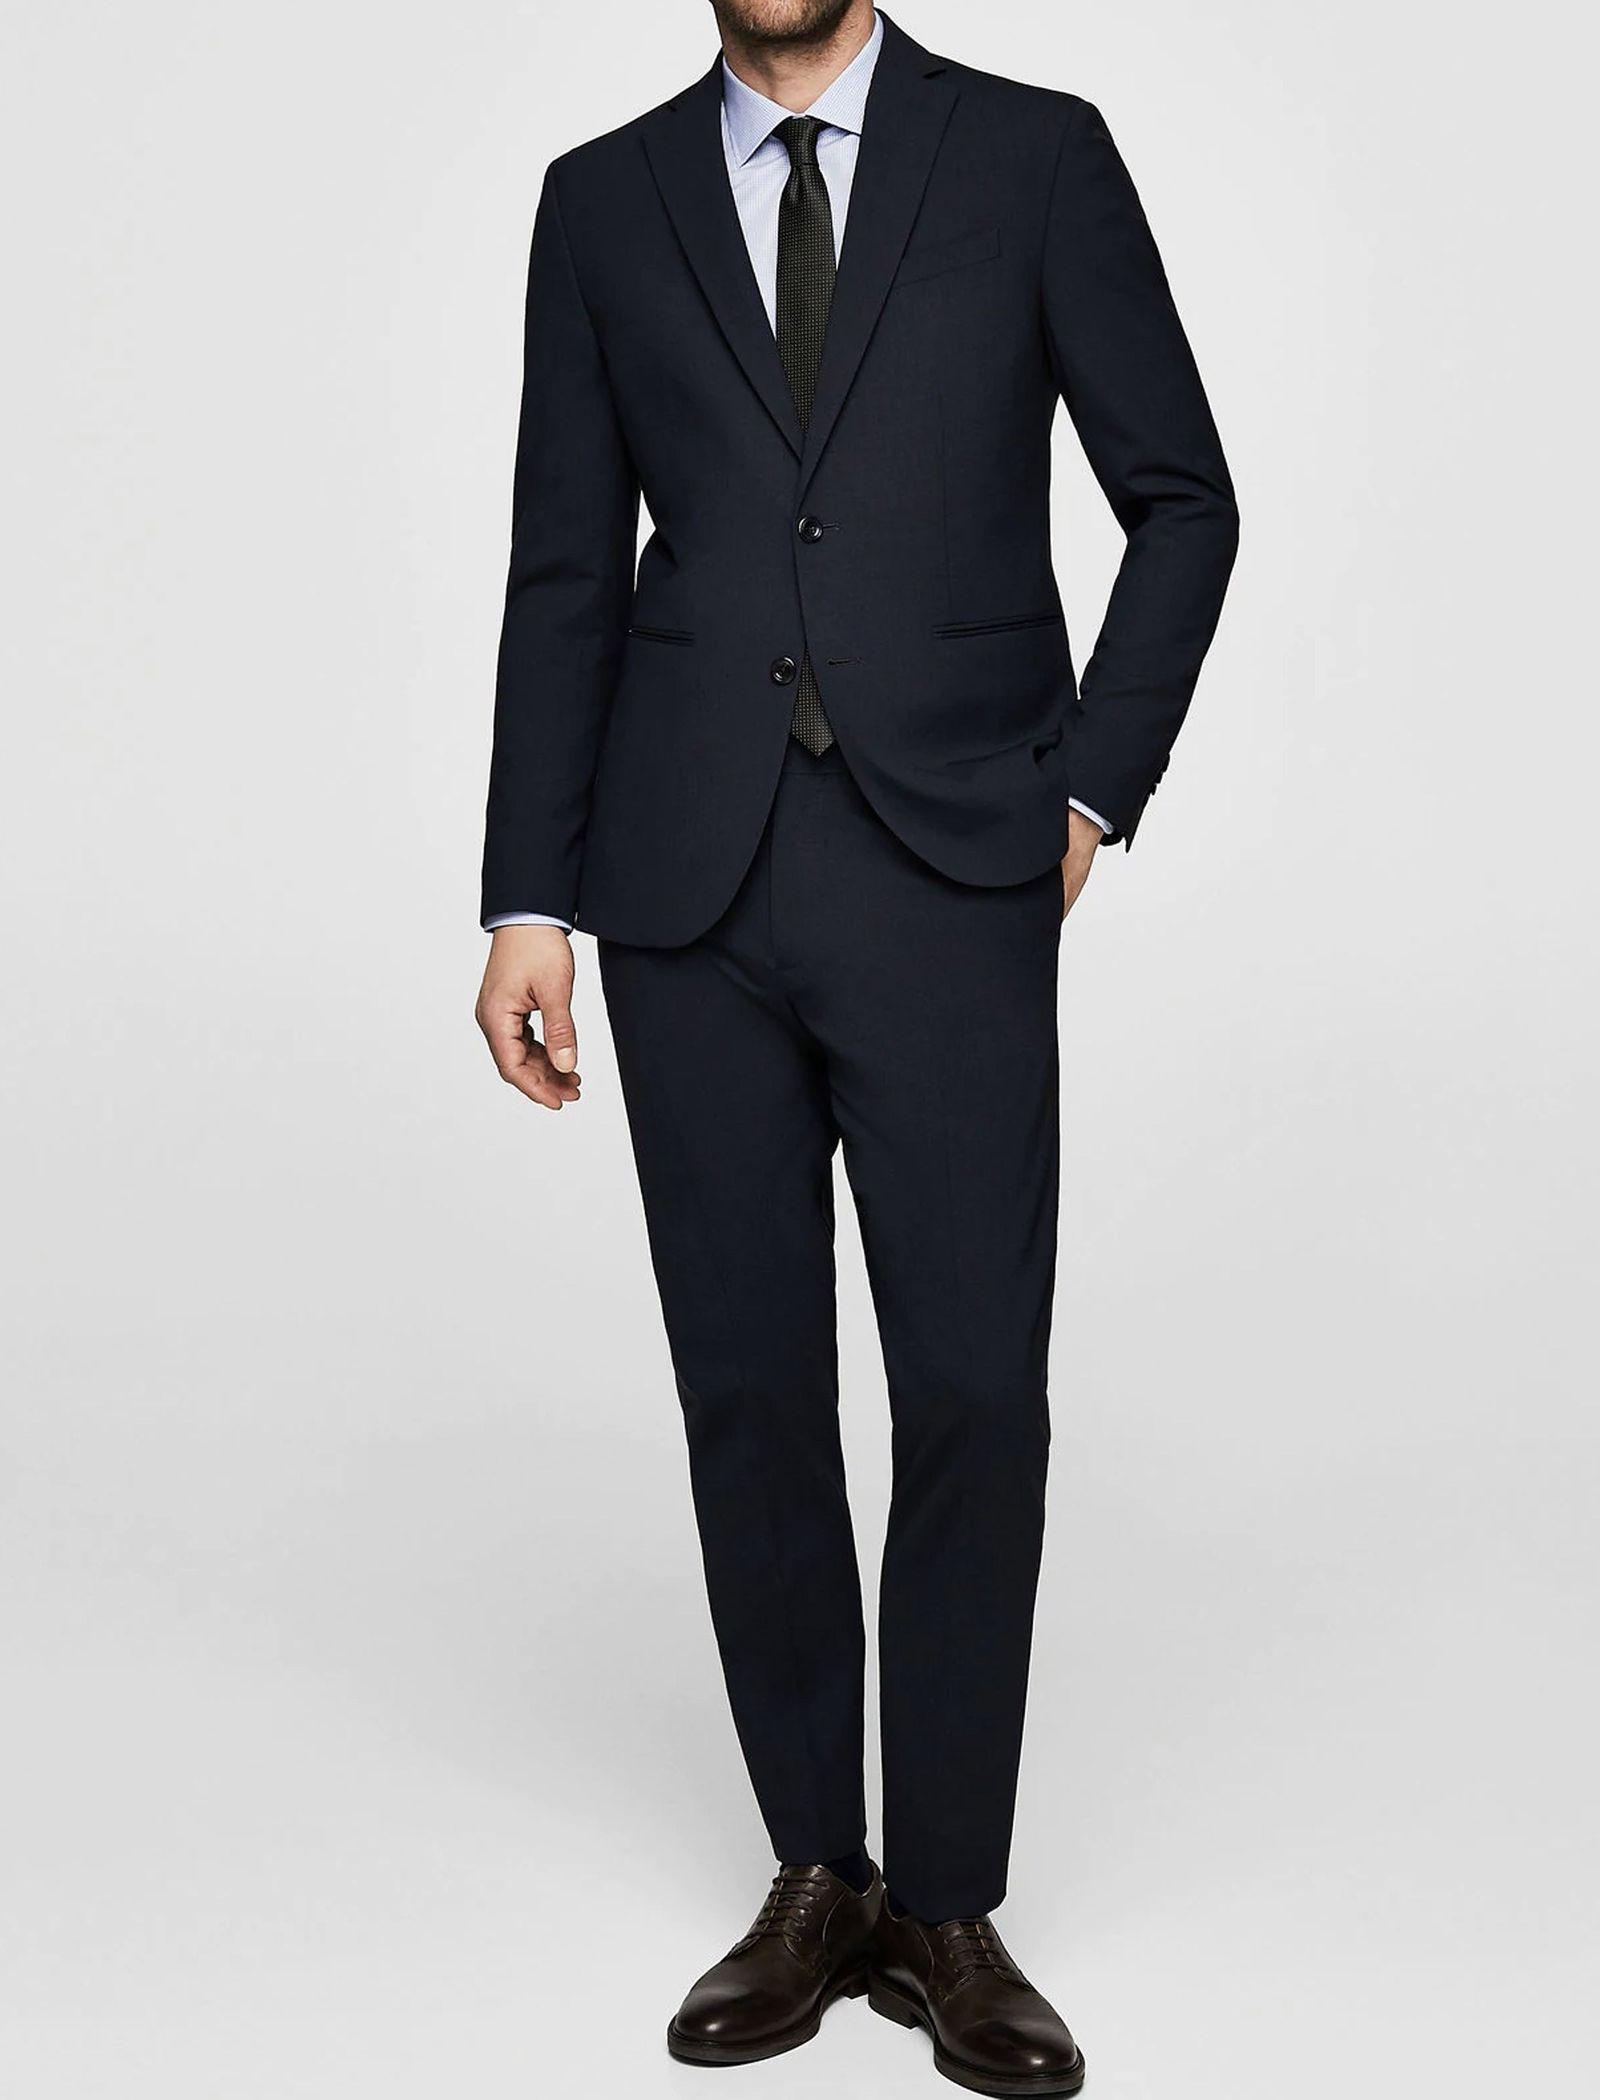 کت تک رسمی مردانه - مانگو - سرمه اي  - 8